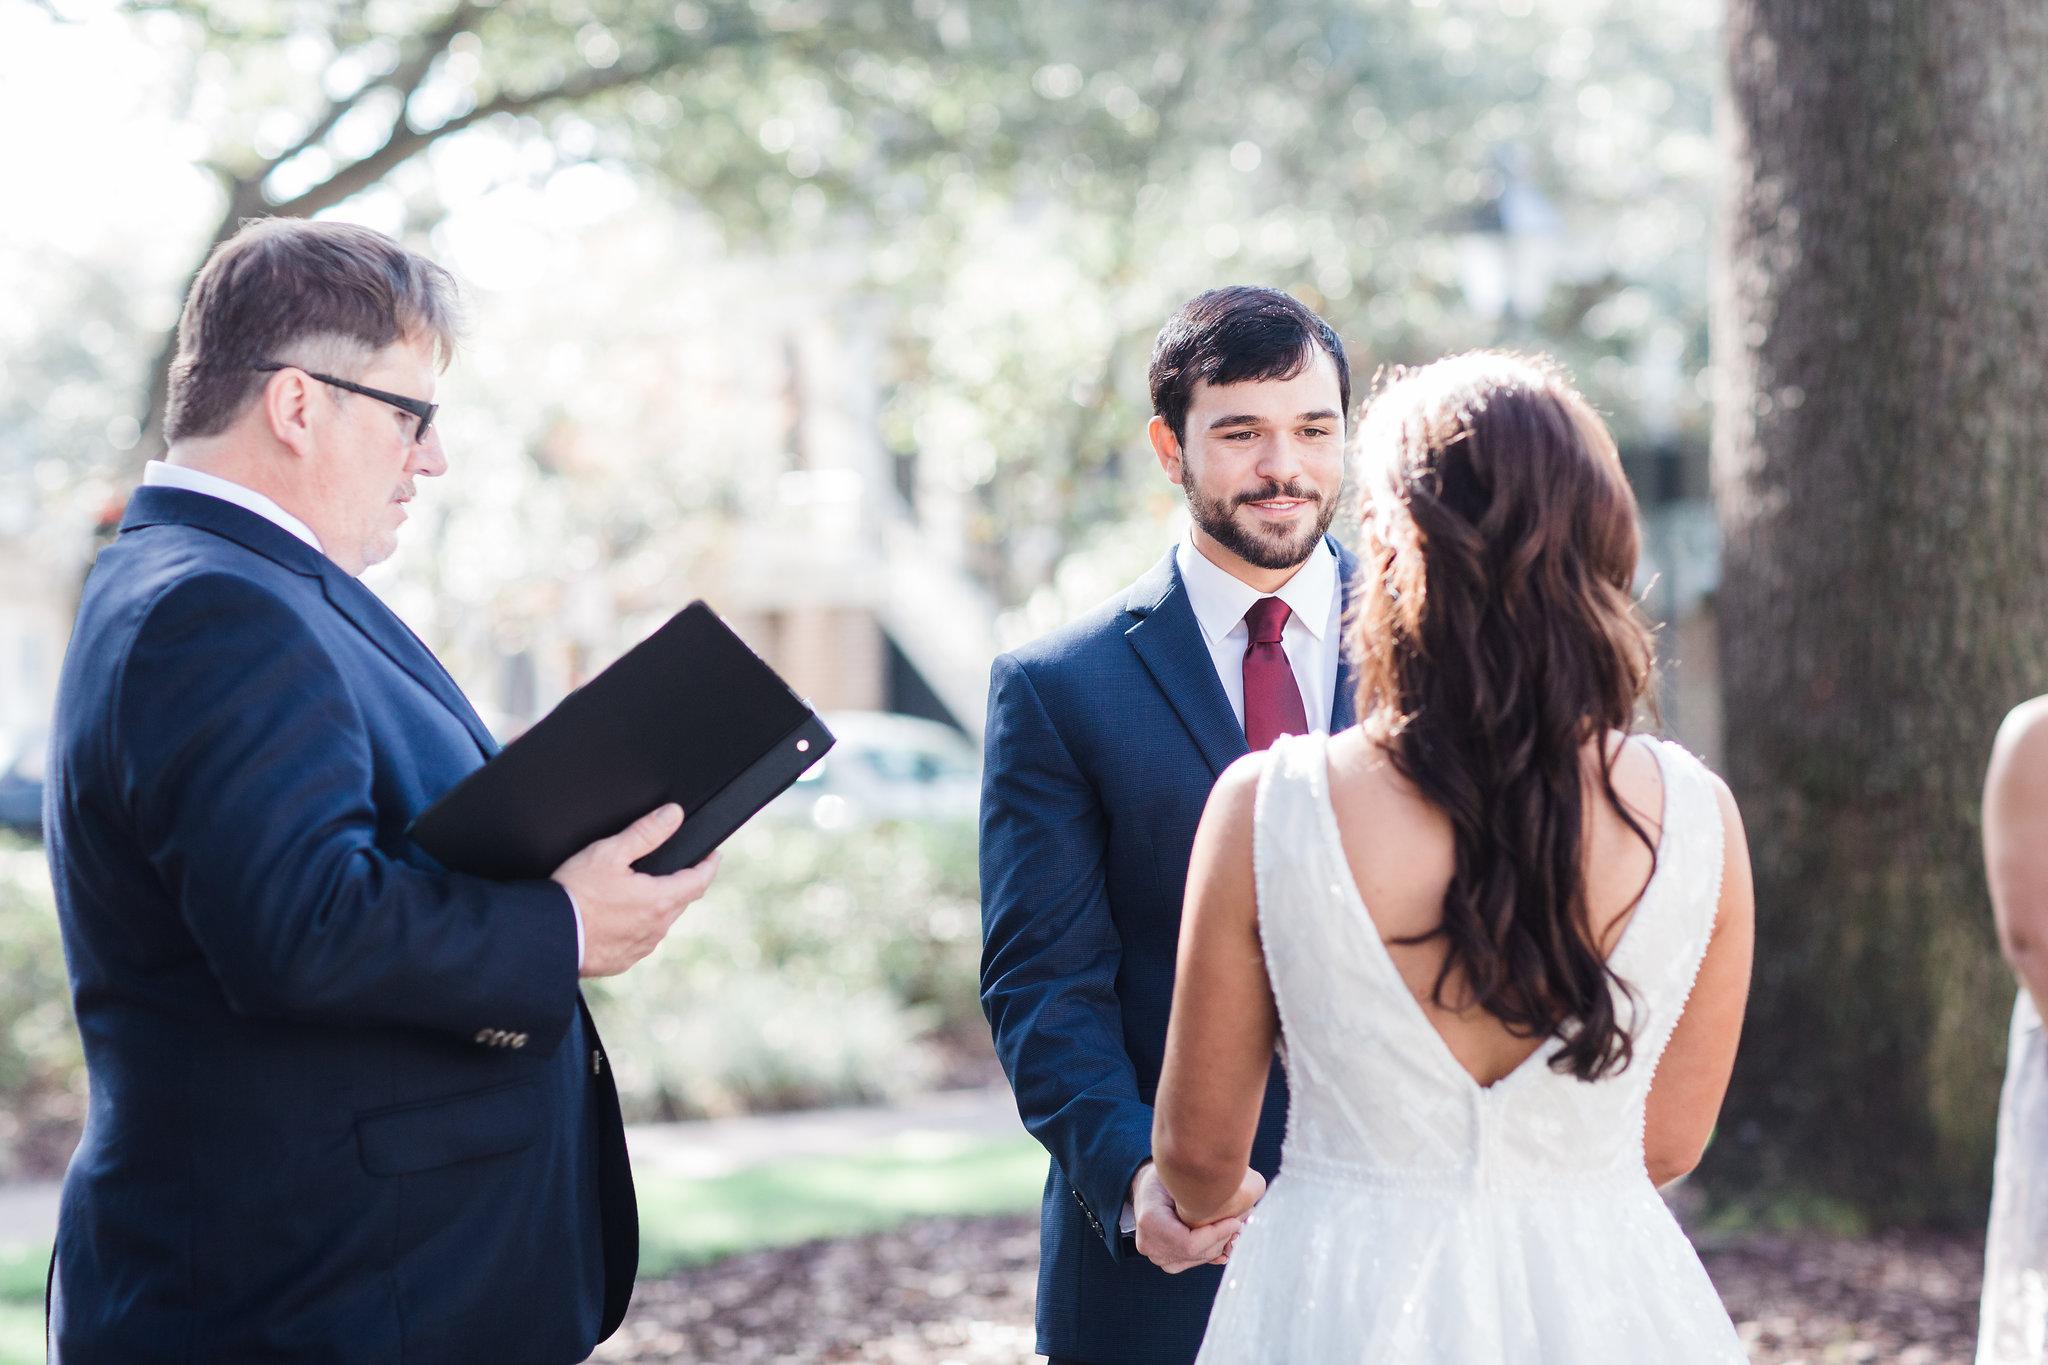 apt-b-photography-lindsey-shawn-Savannah-wedding-photographer-savannah-elopement-photographer-historic-savannah-elopement-savannah-weddings-hilton-head-wedding-photographer-jekyll-island-wedding-photographer-2.jpg